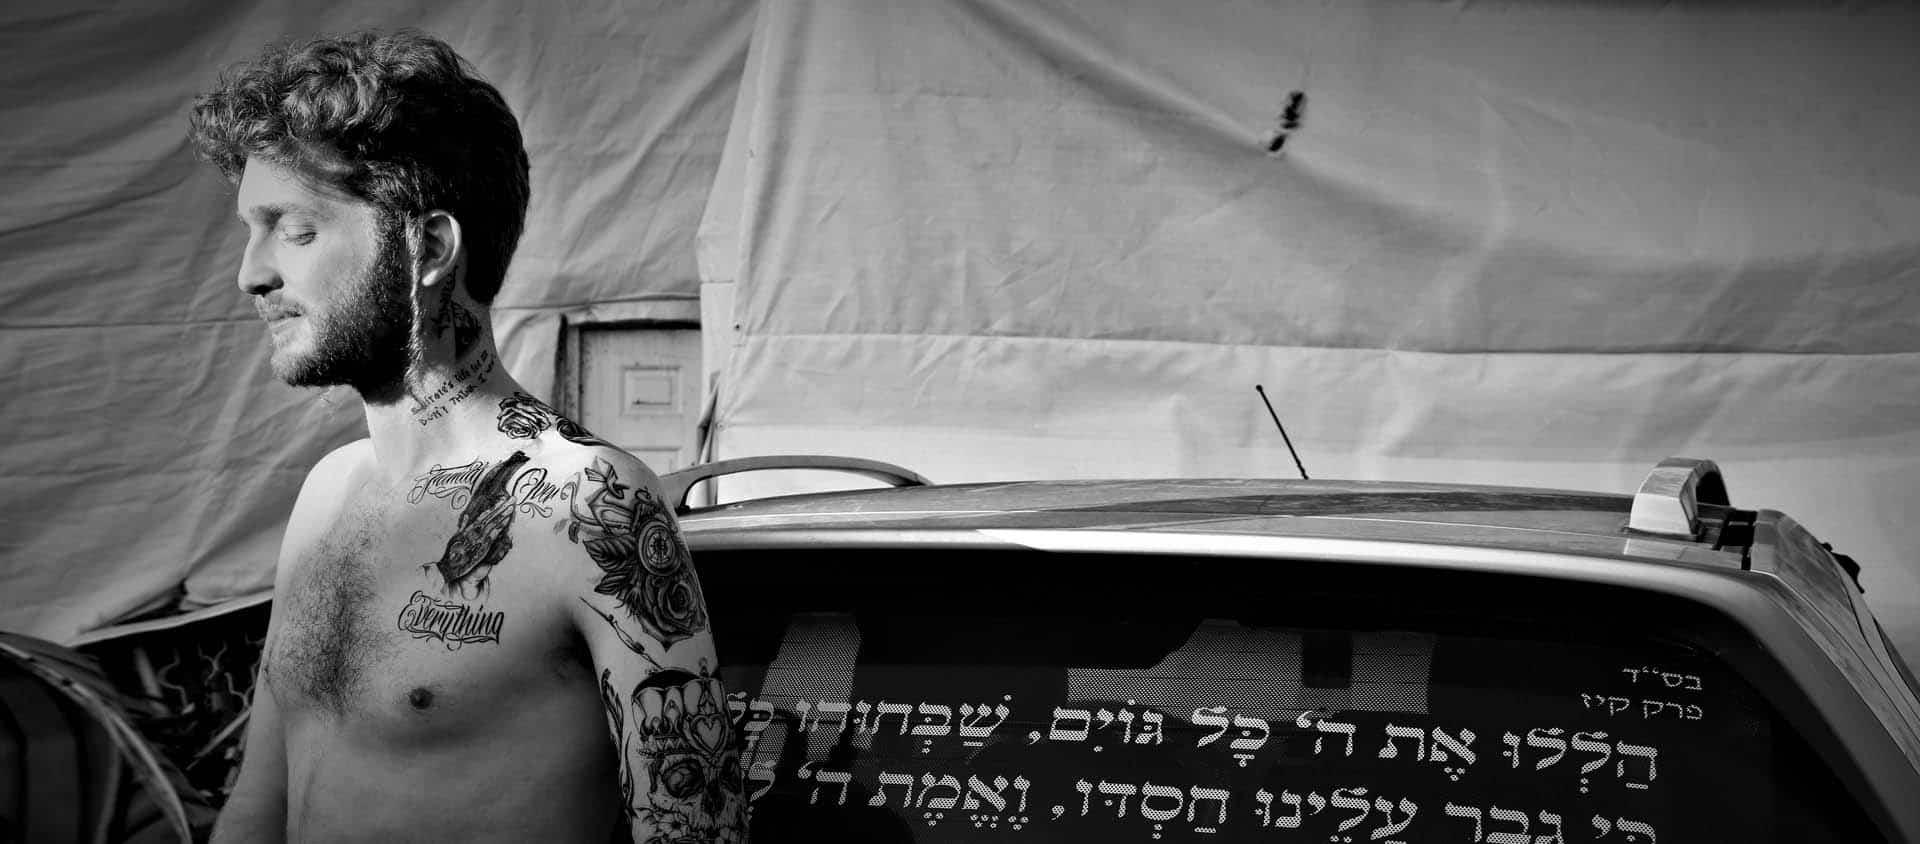 אברומי קרויזנר, צילום נוית שם תעתועים קעקועים זמניים - 3